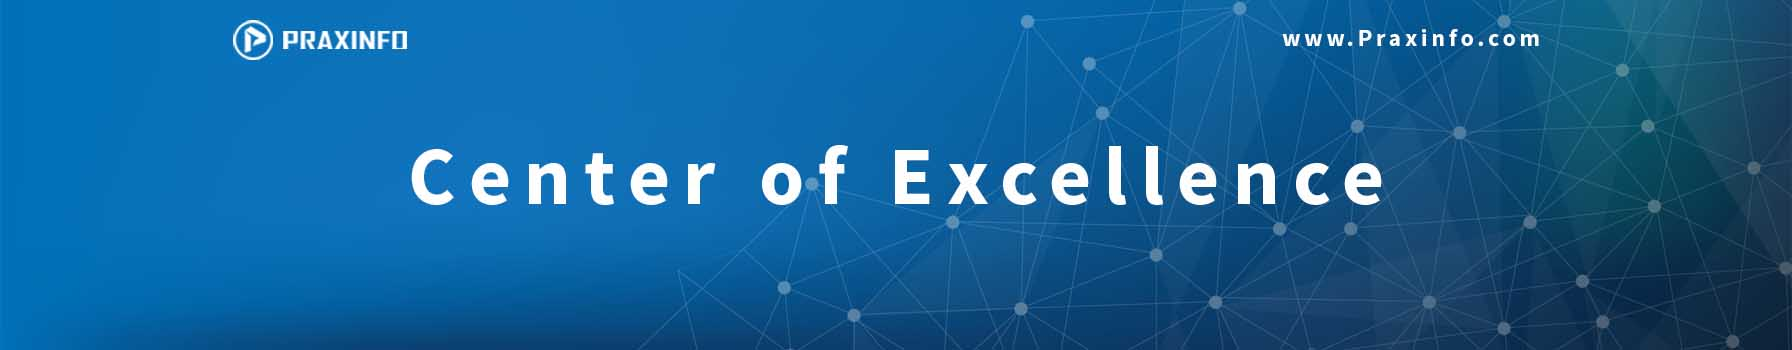 center-of-exellence.jpg